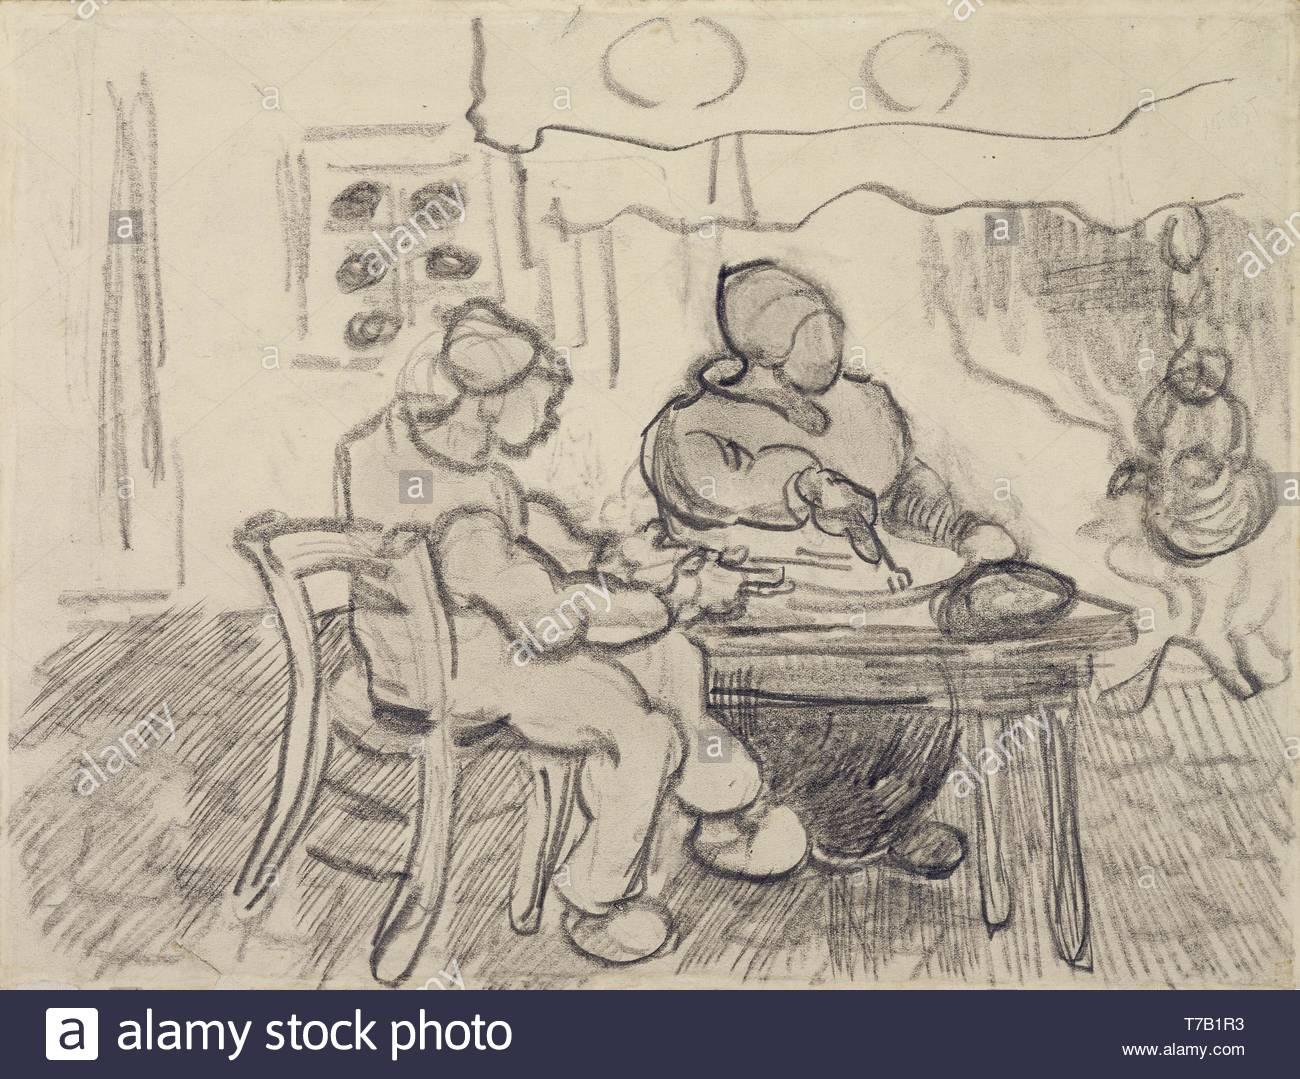 Vincent van Gogh-Interieur met Twee etende Figuren Stockbild